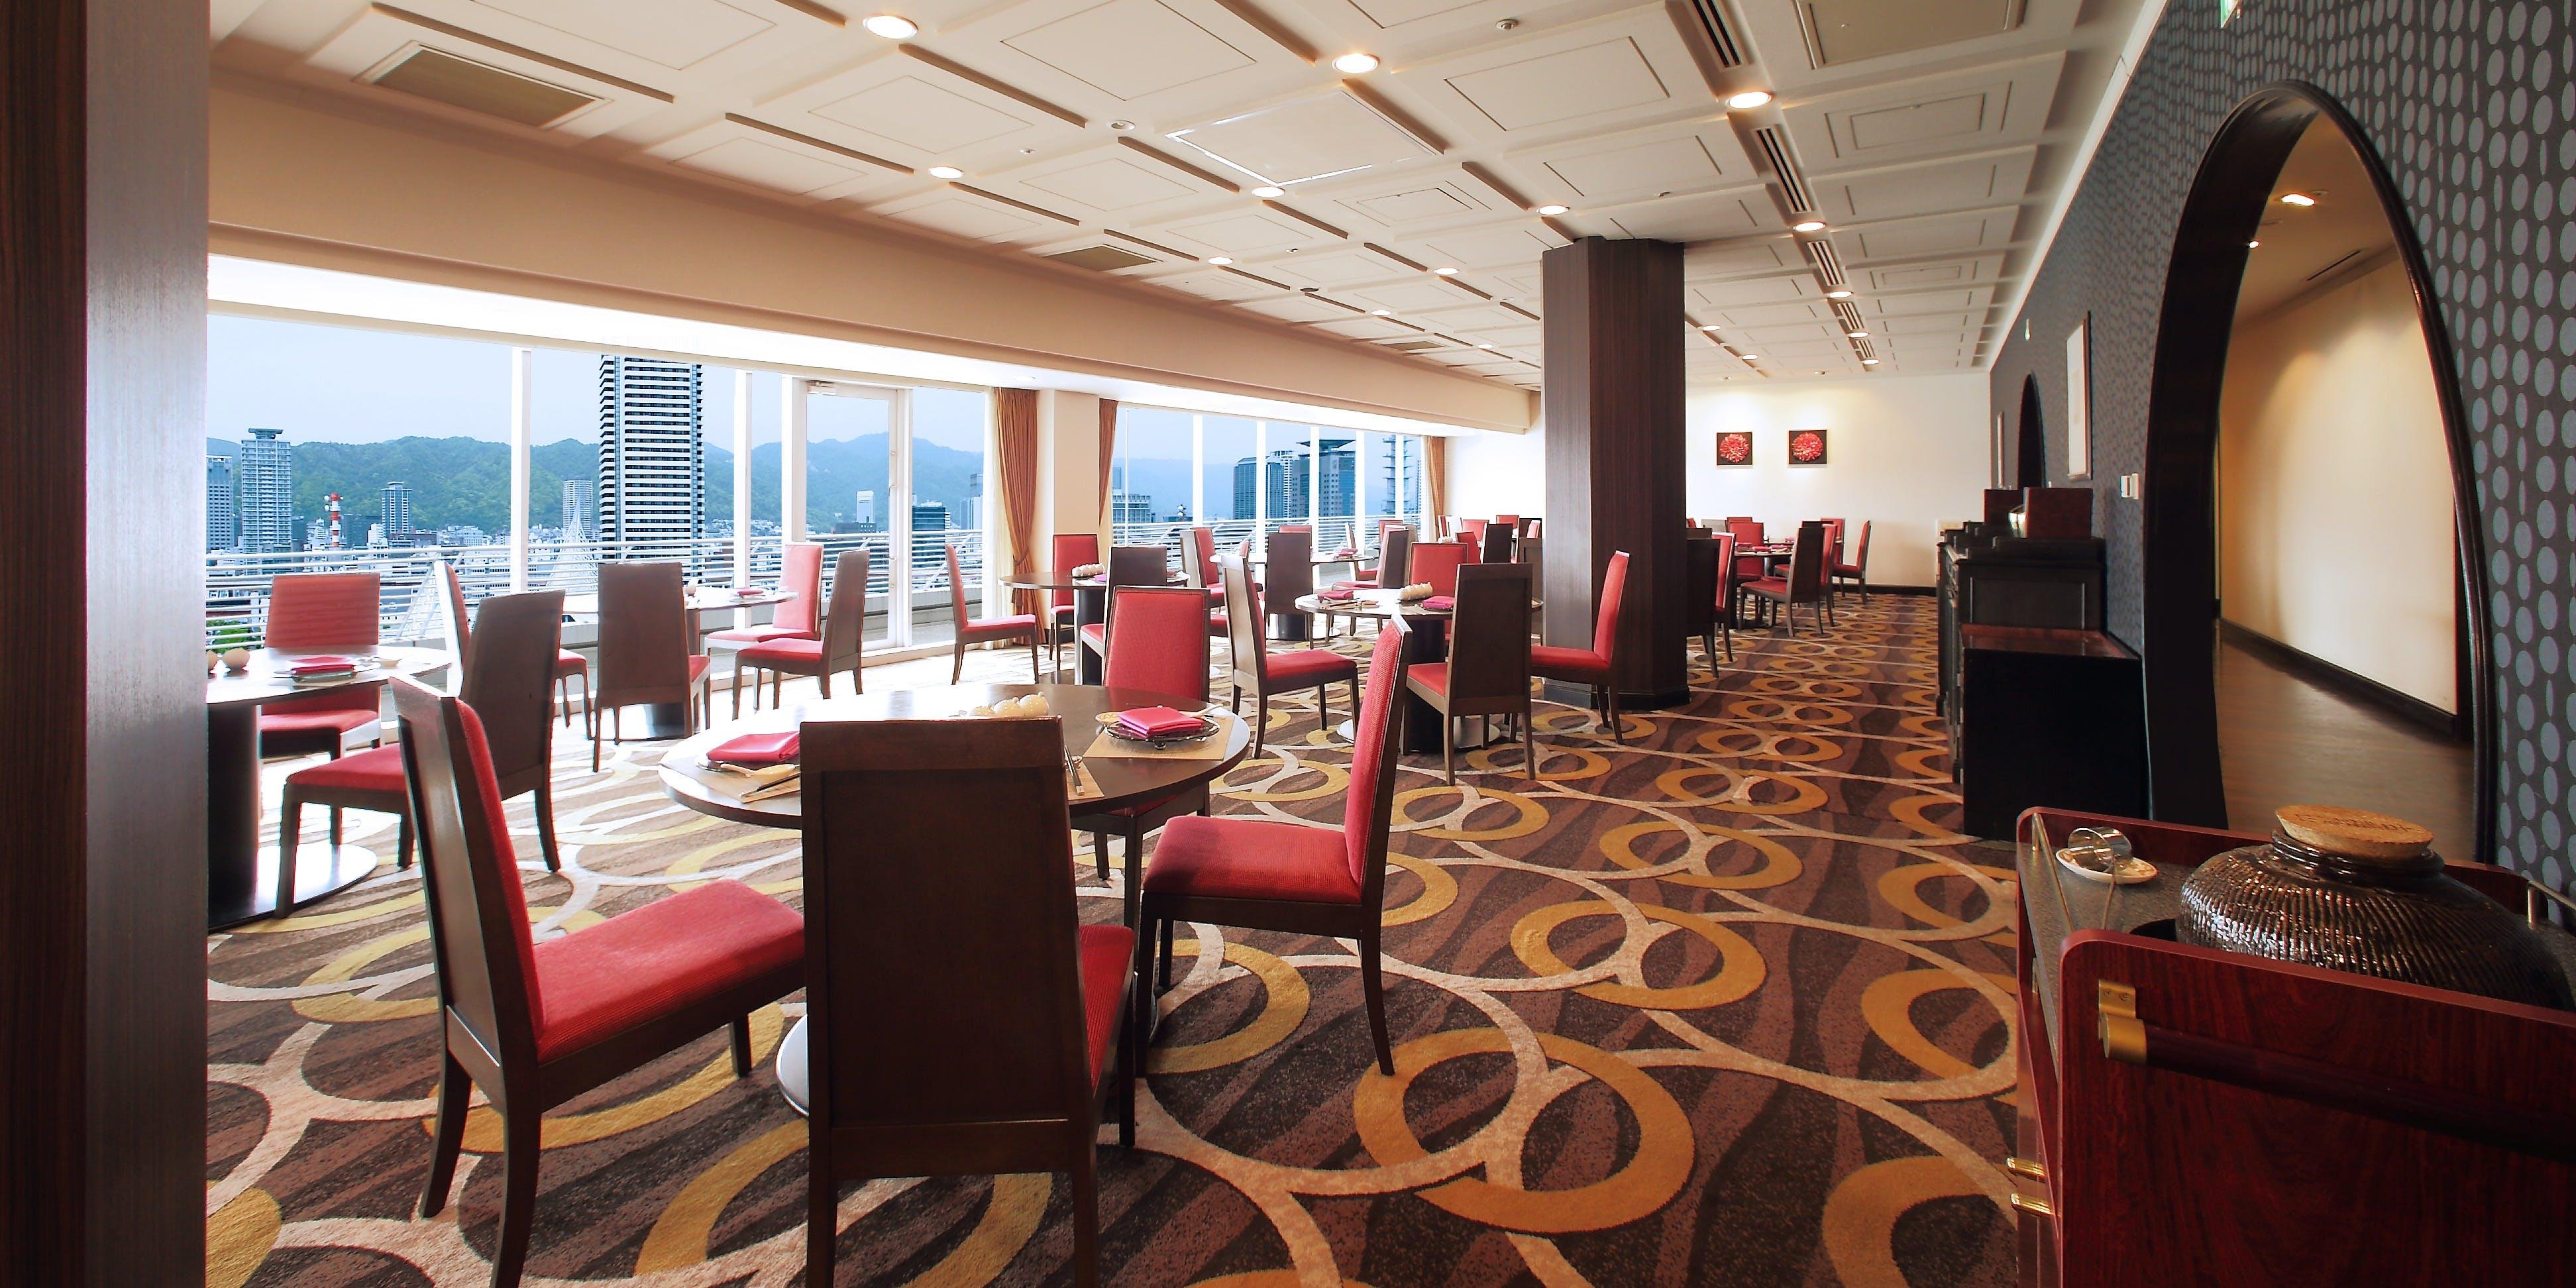 記念日におすすめのレストラン・桃花春/神戸メリケンパークオリエンタルホテルの写真1